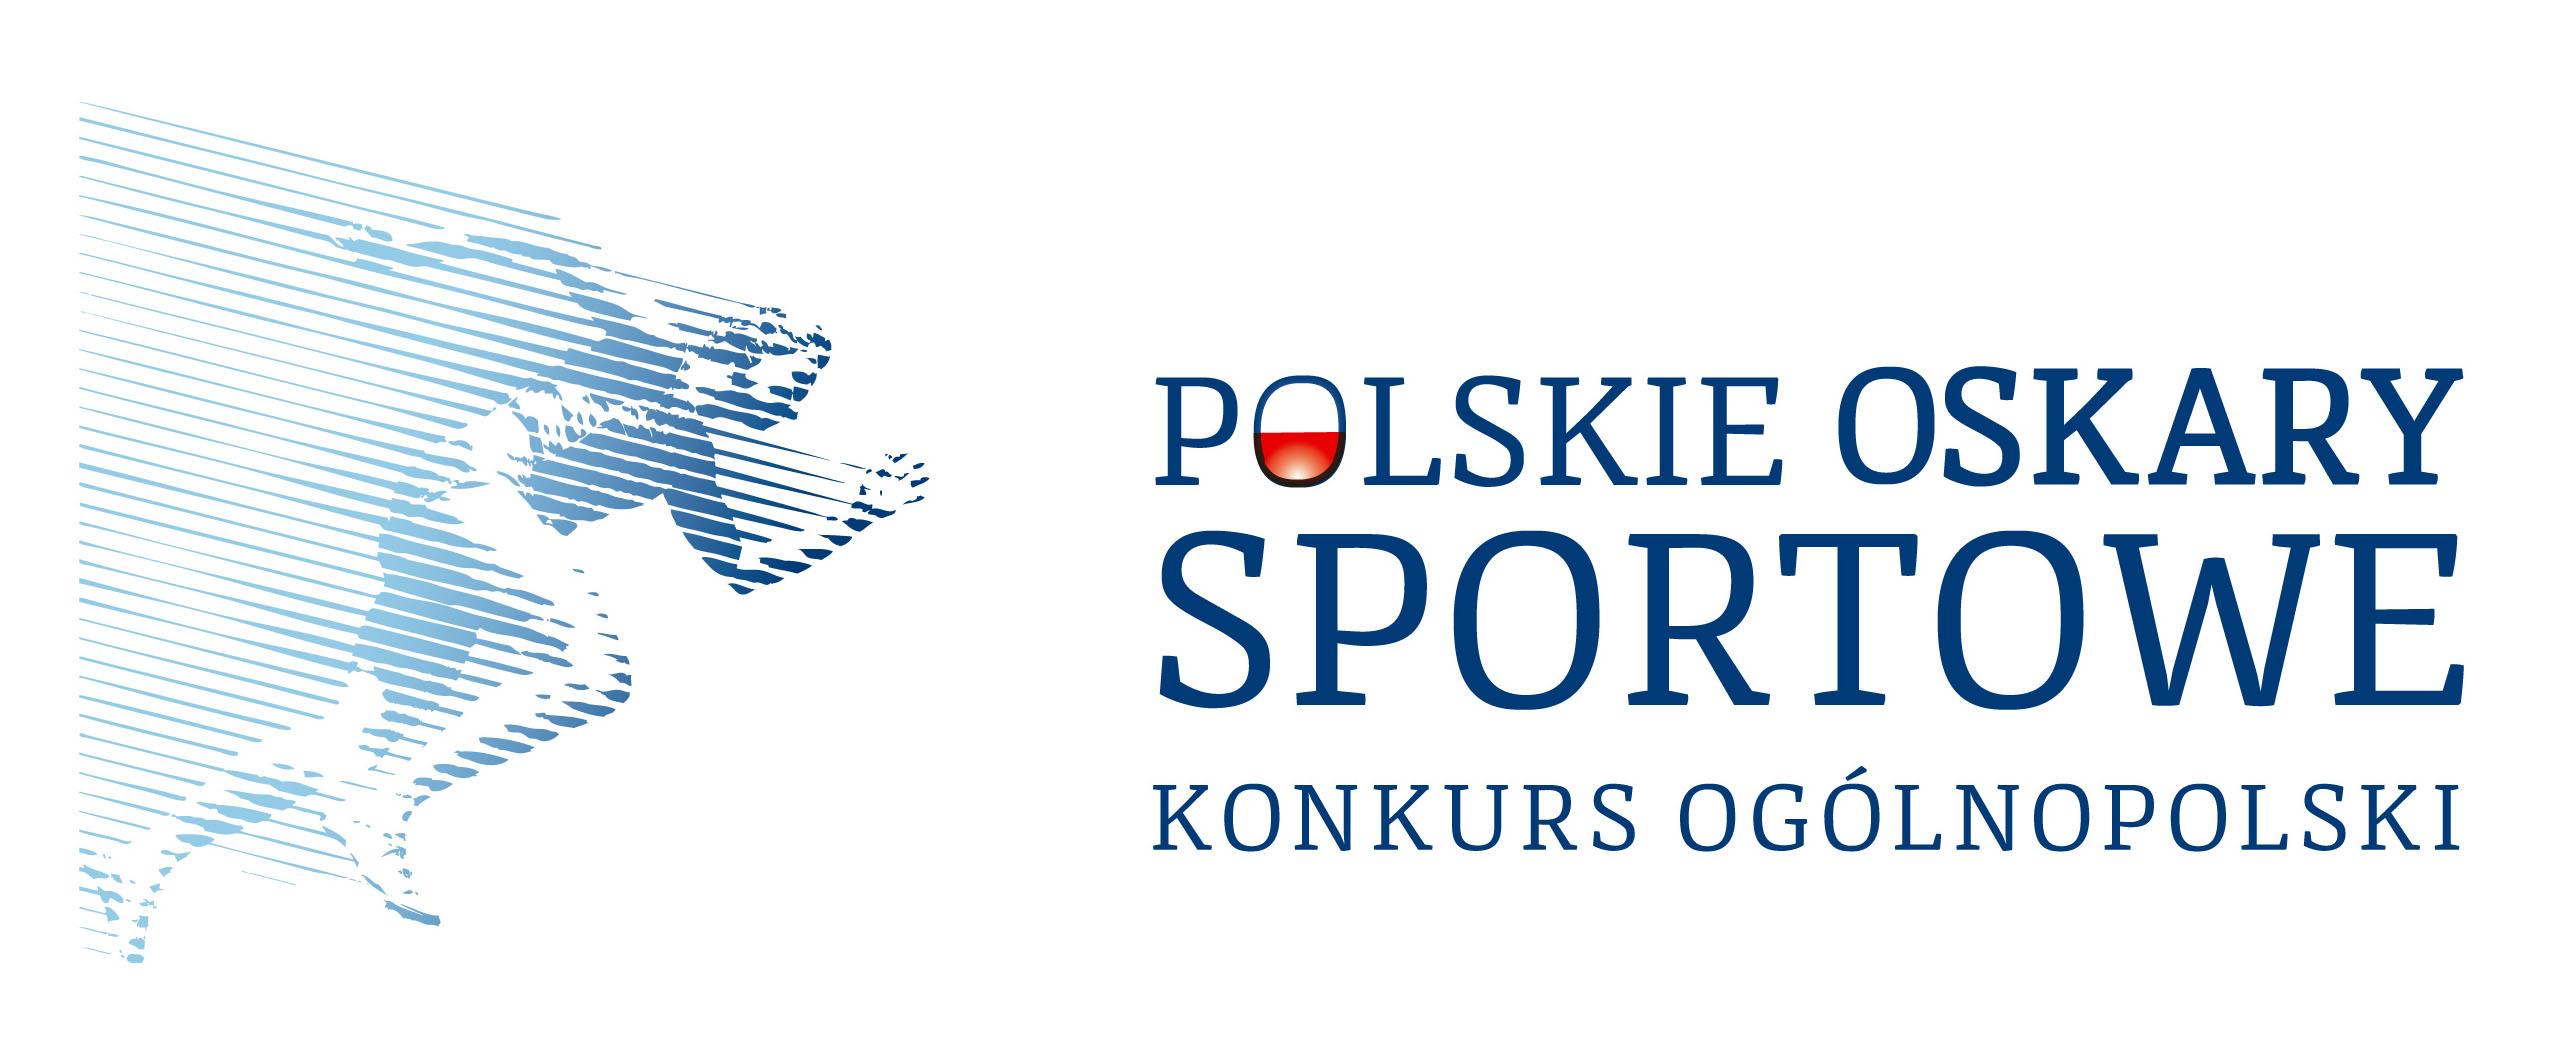 Wieści Polskie Oskary Sportowe